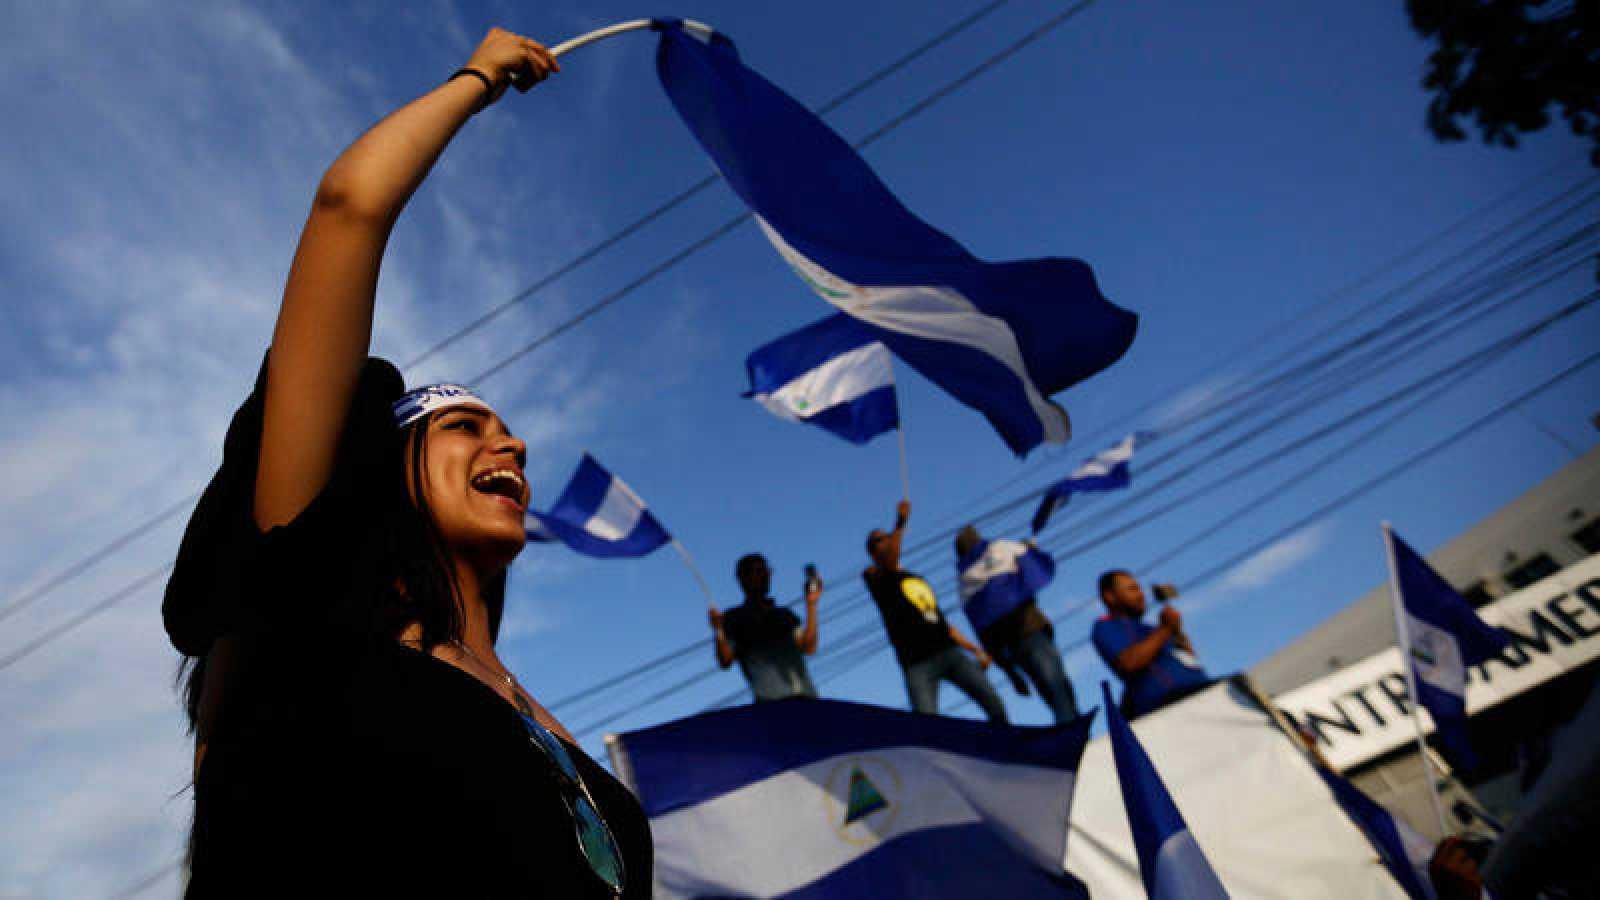 Una joven ondea una bandera de Nicaragua durante una protesta celebrada el viernes 18 de mayo en Managua